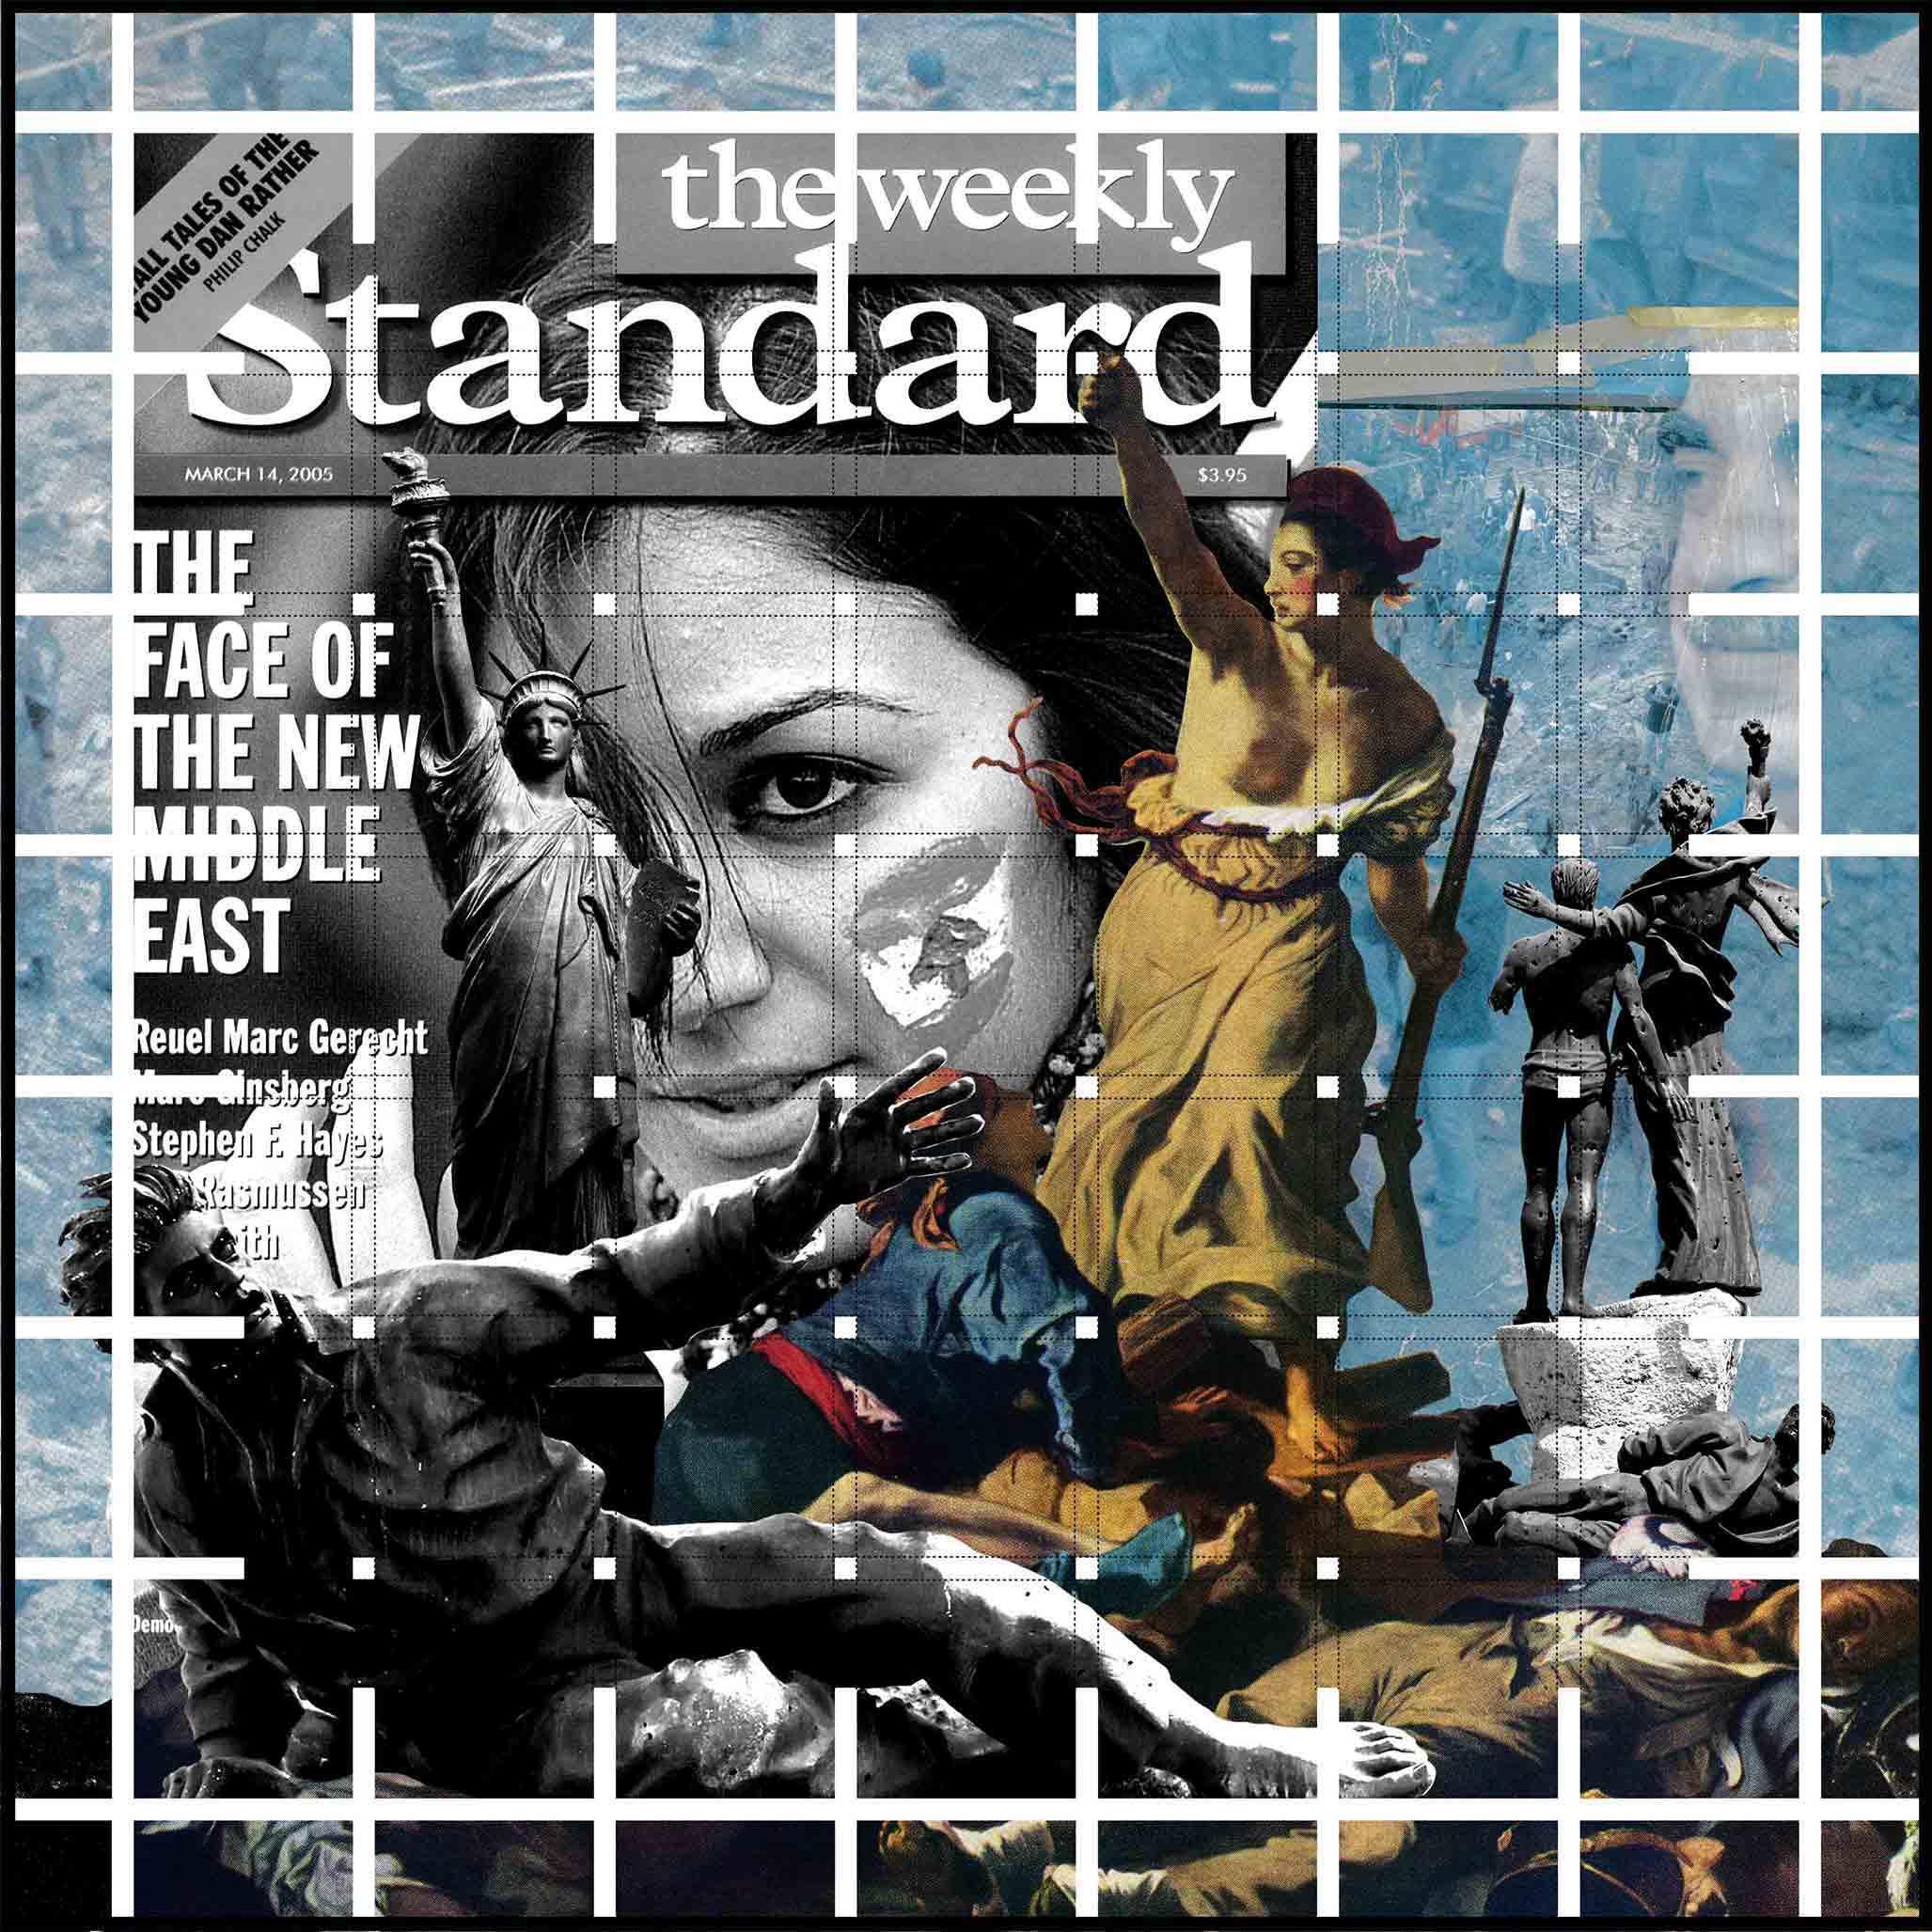 alfred_tarazi_dearmadness_martyr-square-ruin_2017_5_0002_alfred_tarazi_dearmadness_weekly-standard-delacroix-liberty_201.jpg